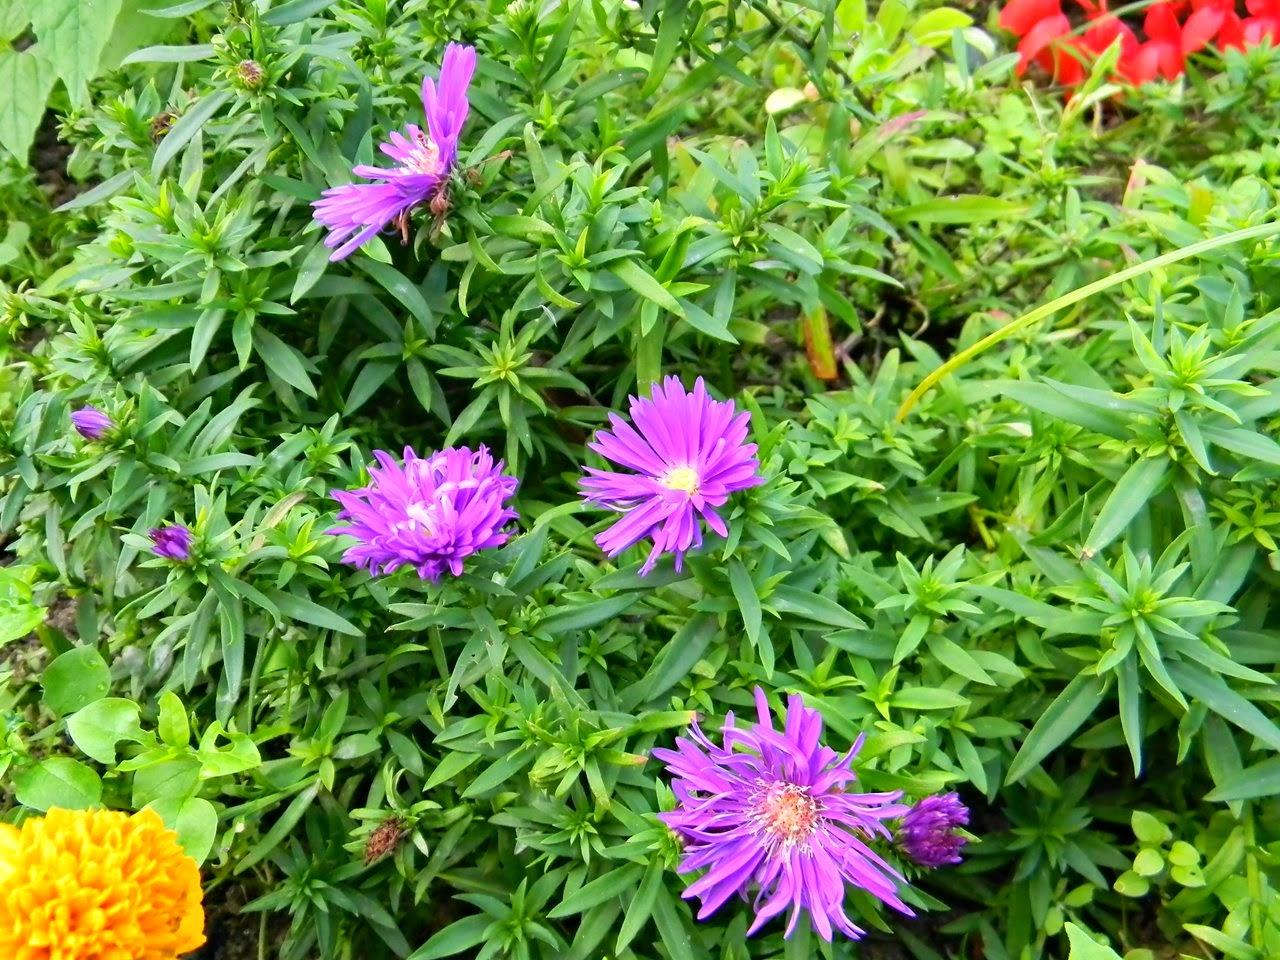 fioletowy, przyroda, zieleń, ogród